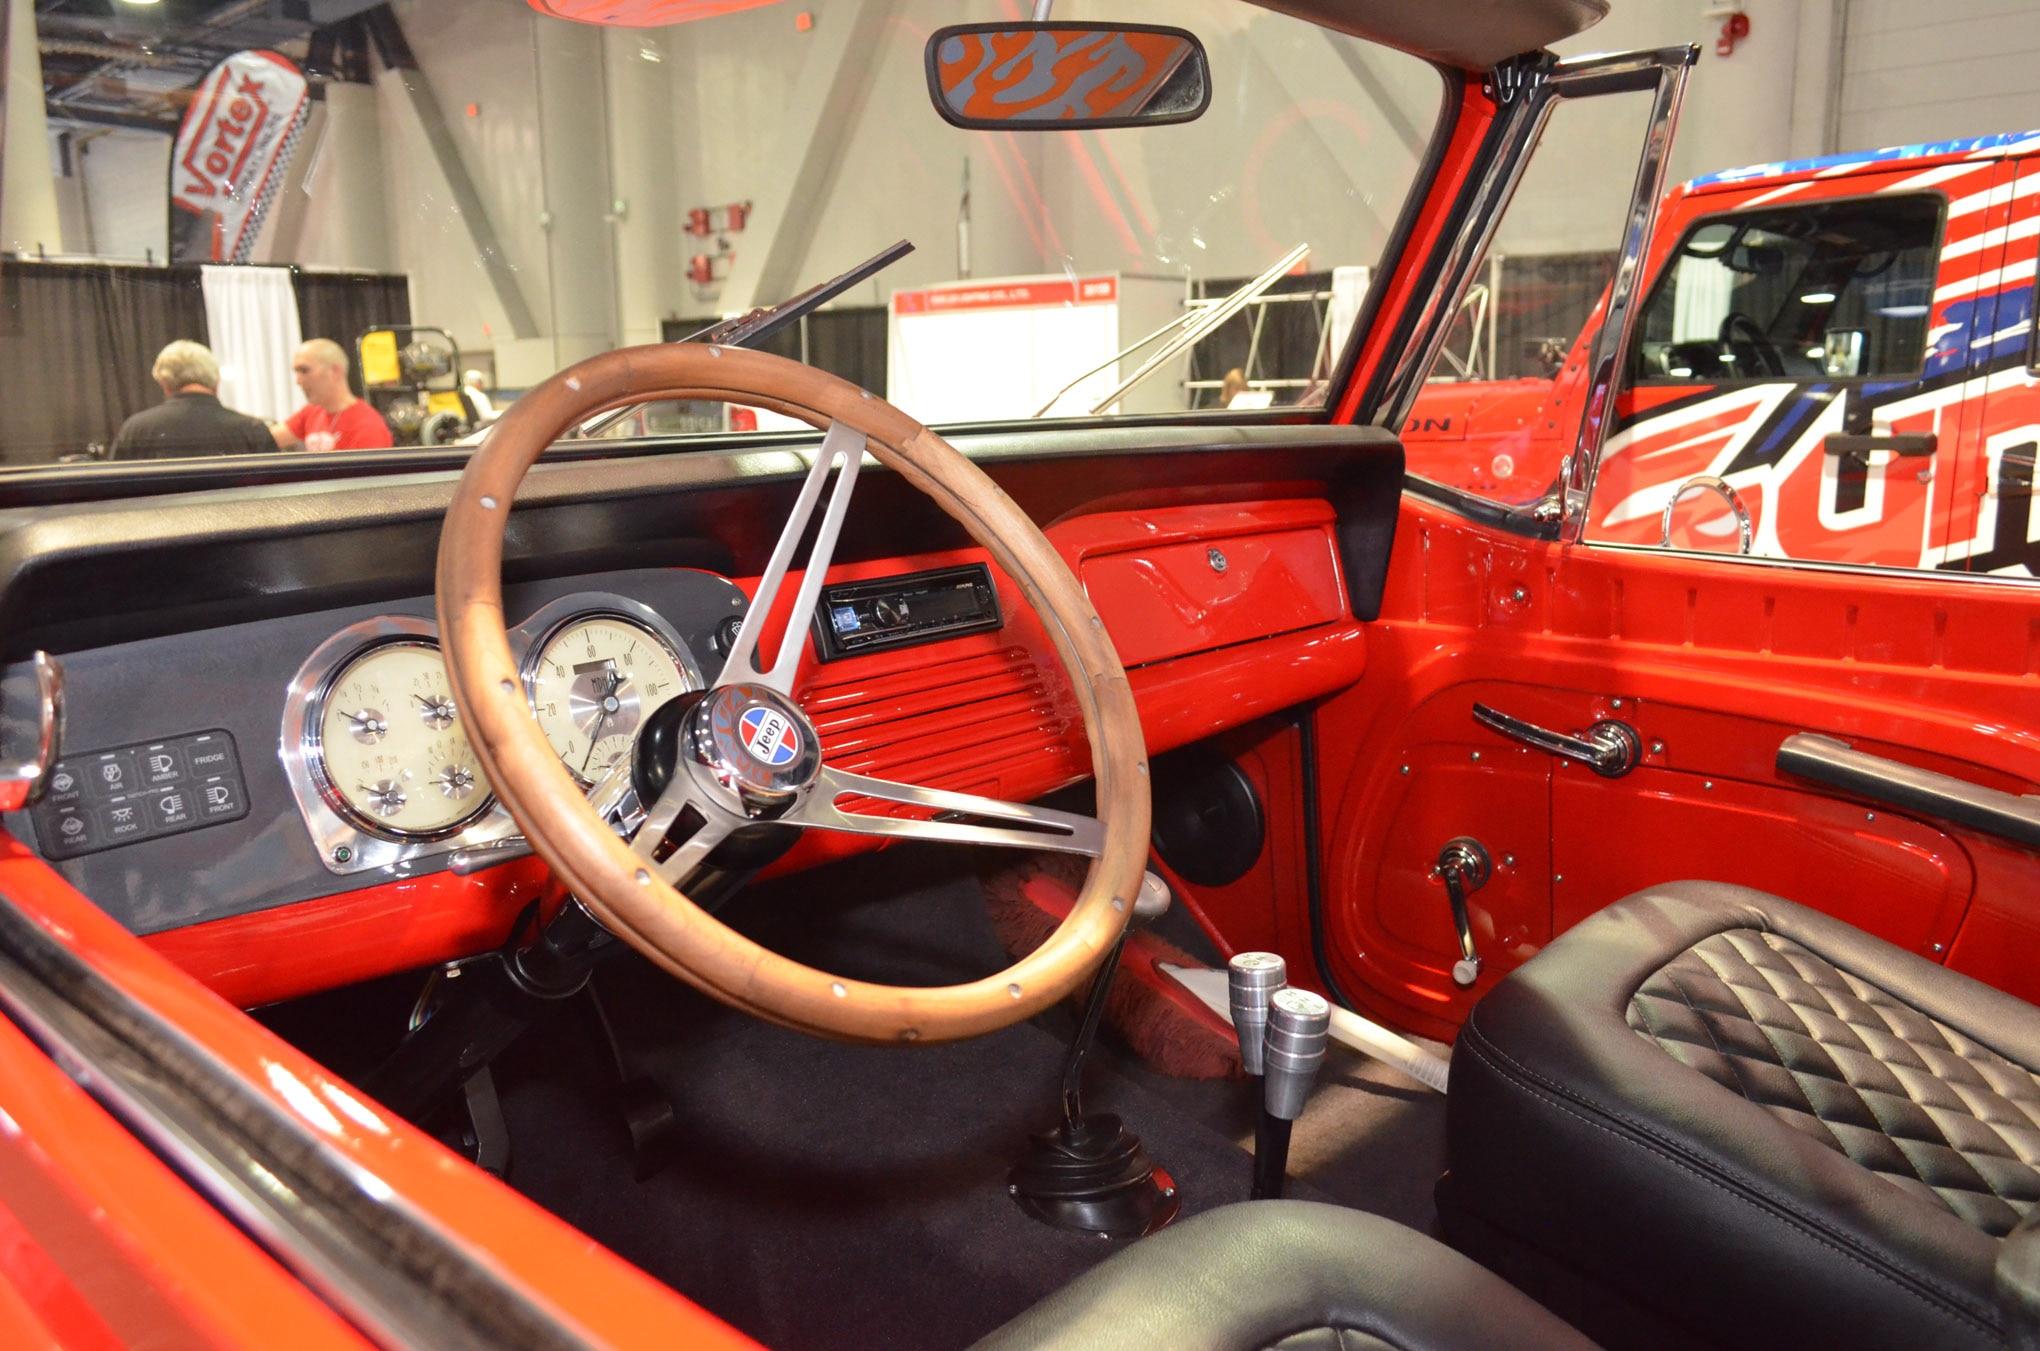 008 sema jeep mini feature jkcommando interior